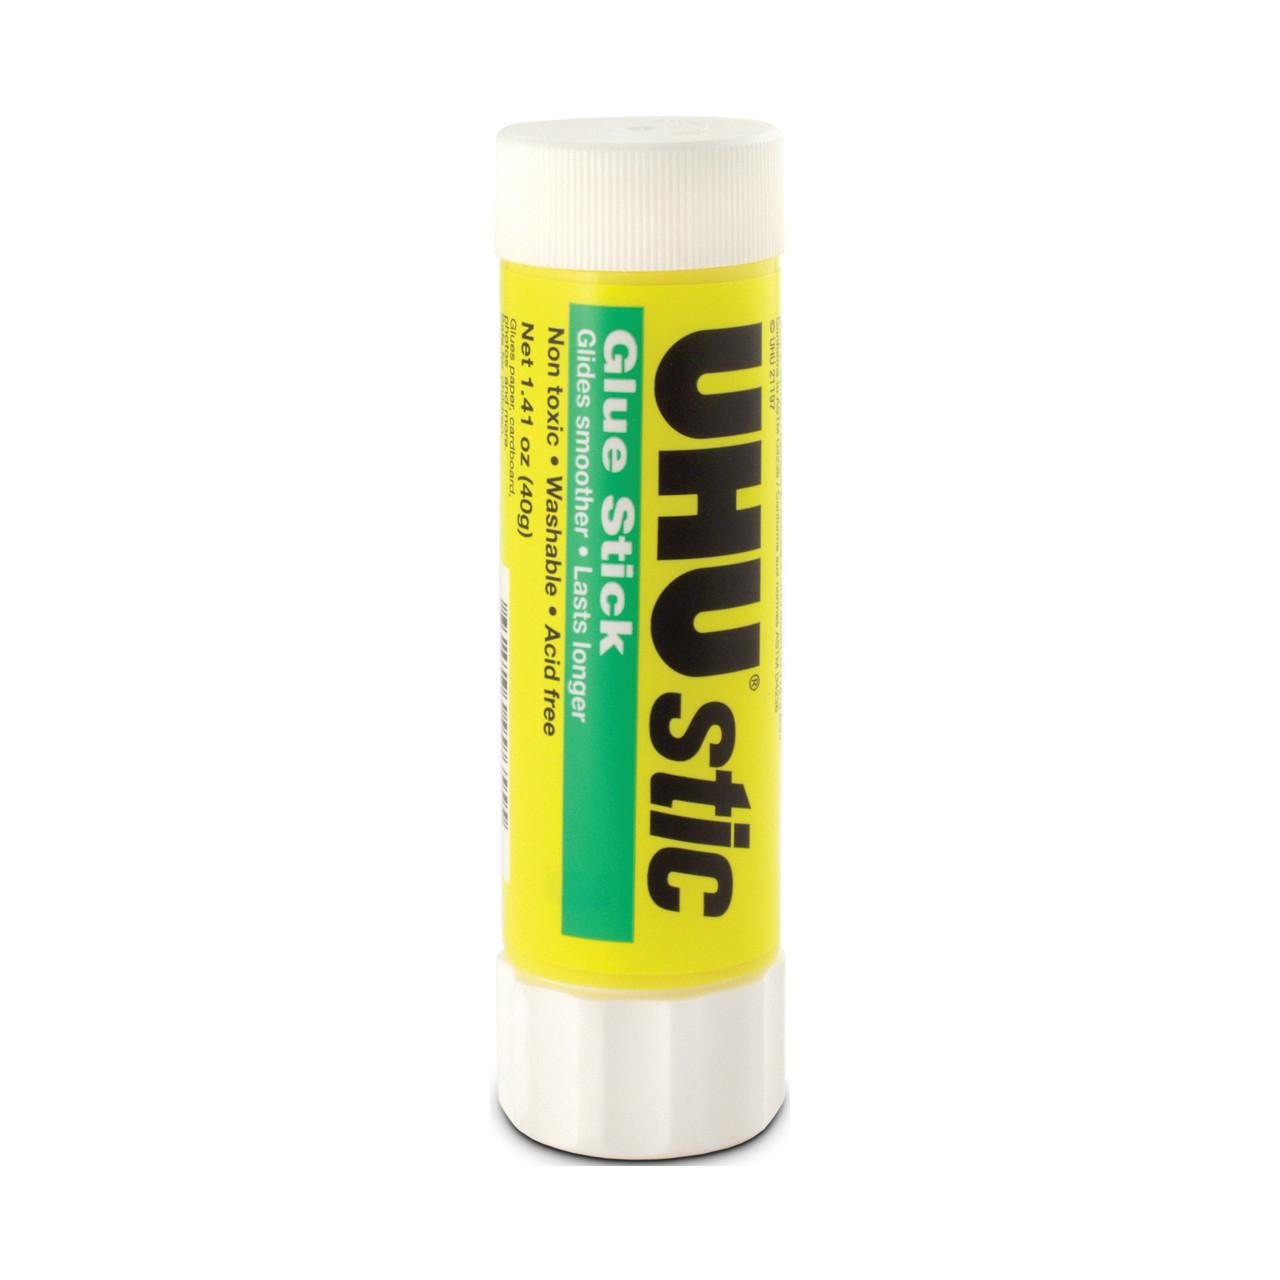 Uhu Stic Clear Glue Sticks